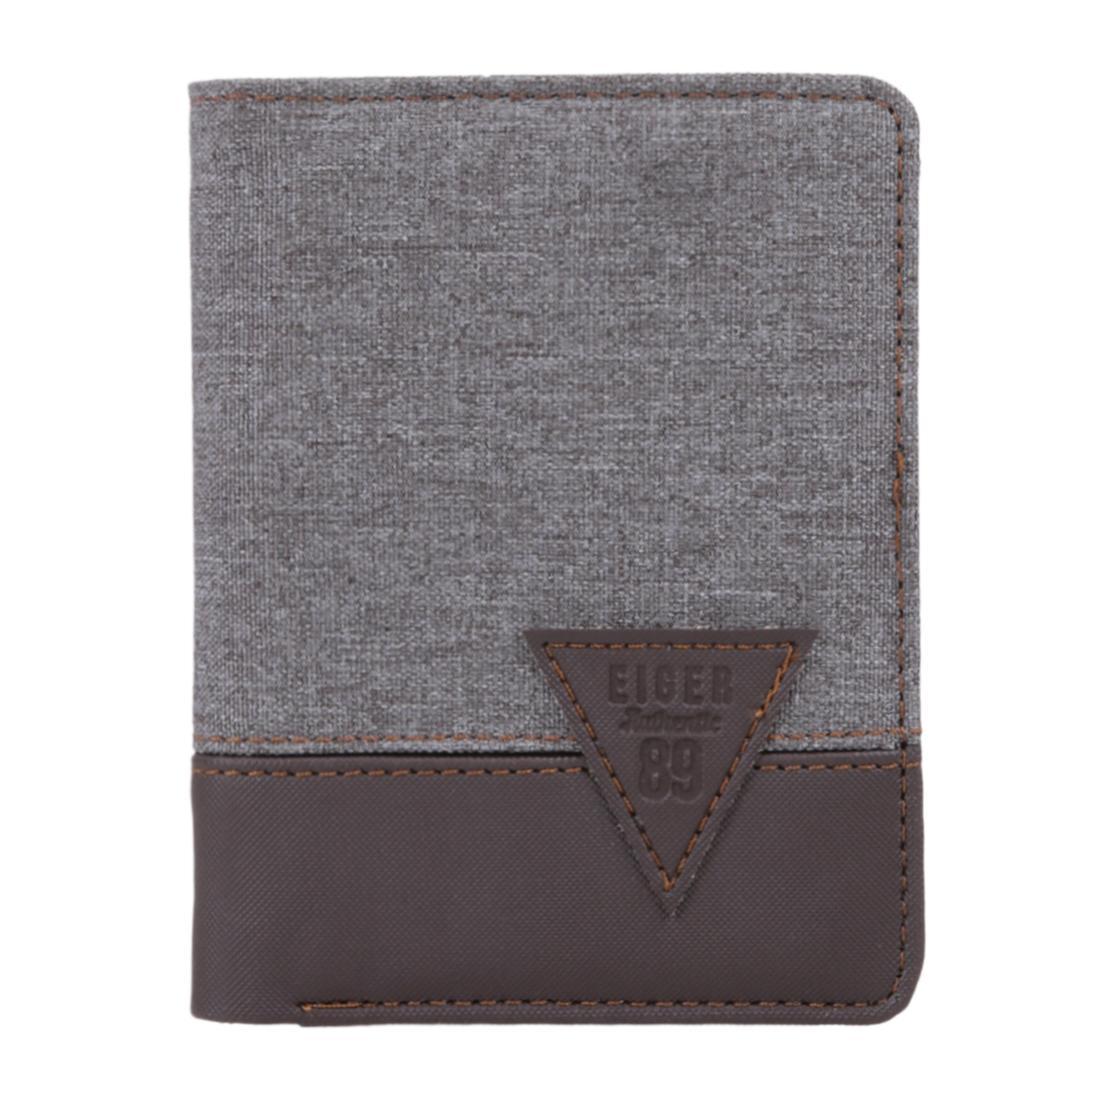 Dompet Aksesoris Pria Garsel L222 Sandal Casual Kulit Premium Bagus Tan Eiger Ls Classic Brown